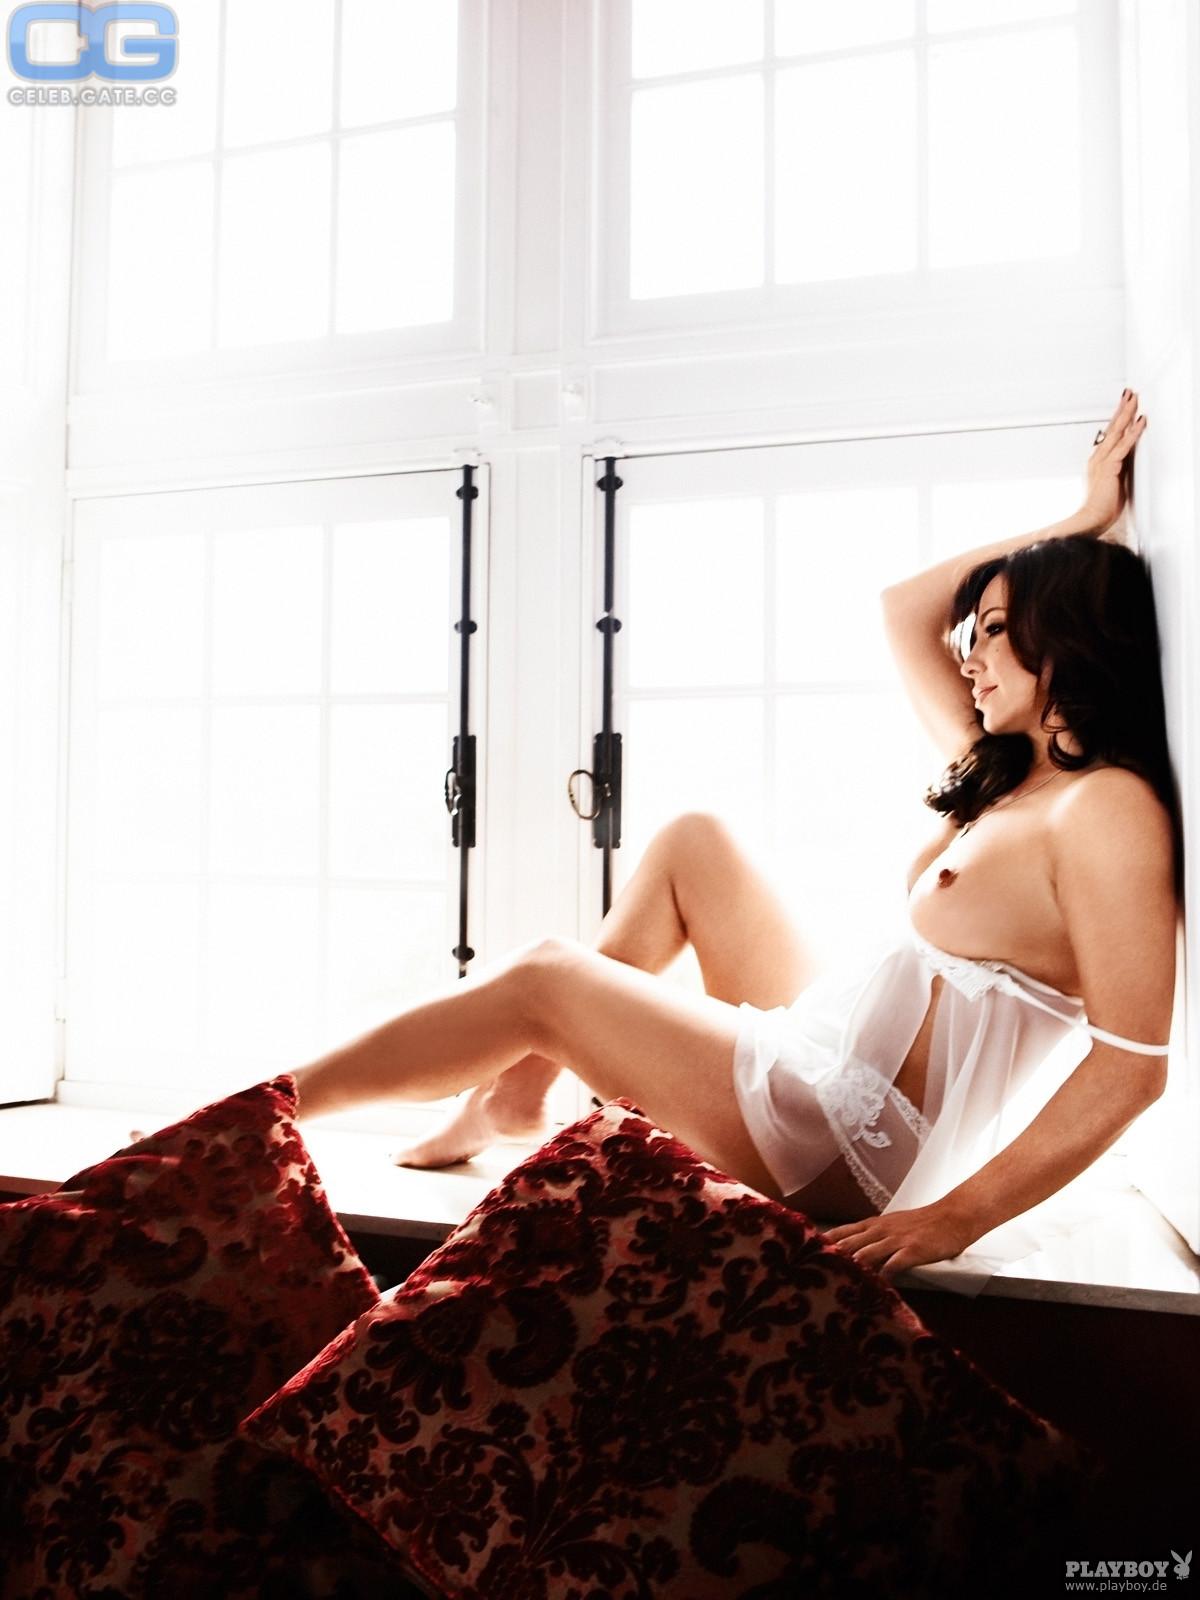 Nackt simone bilder thomalla Sophia Thomalla